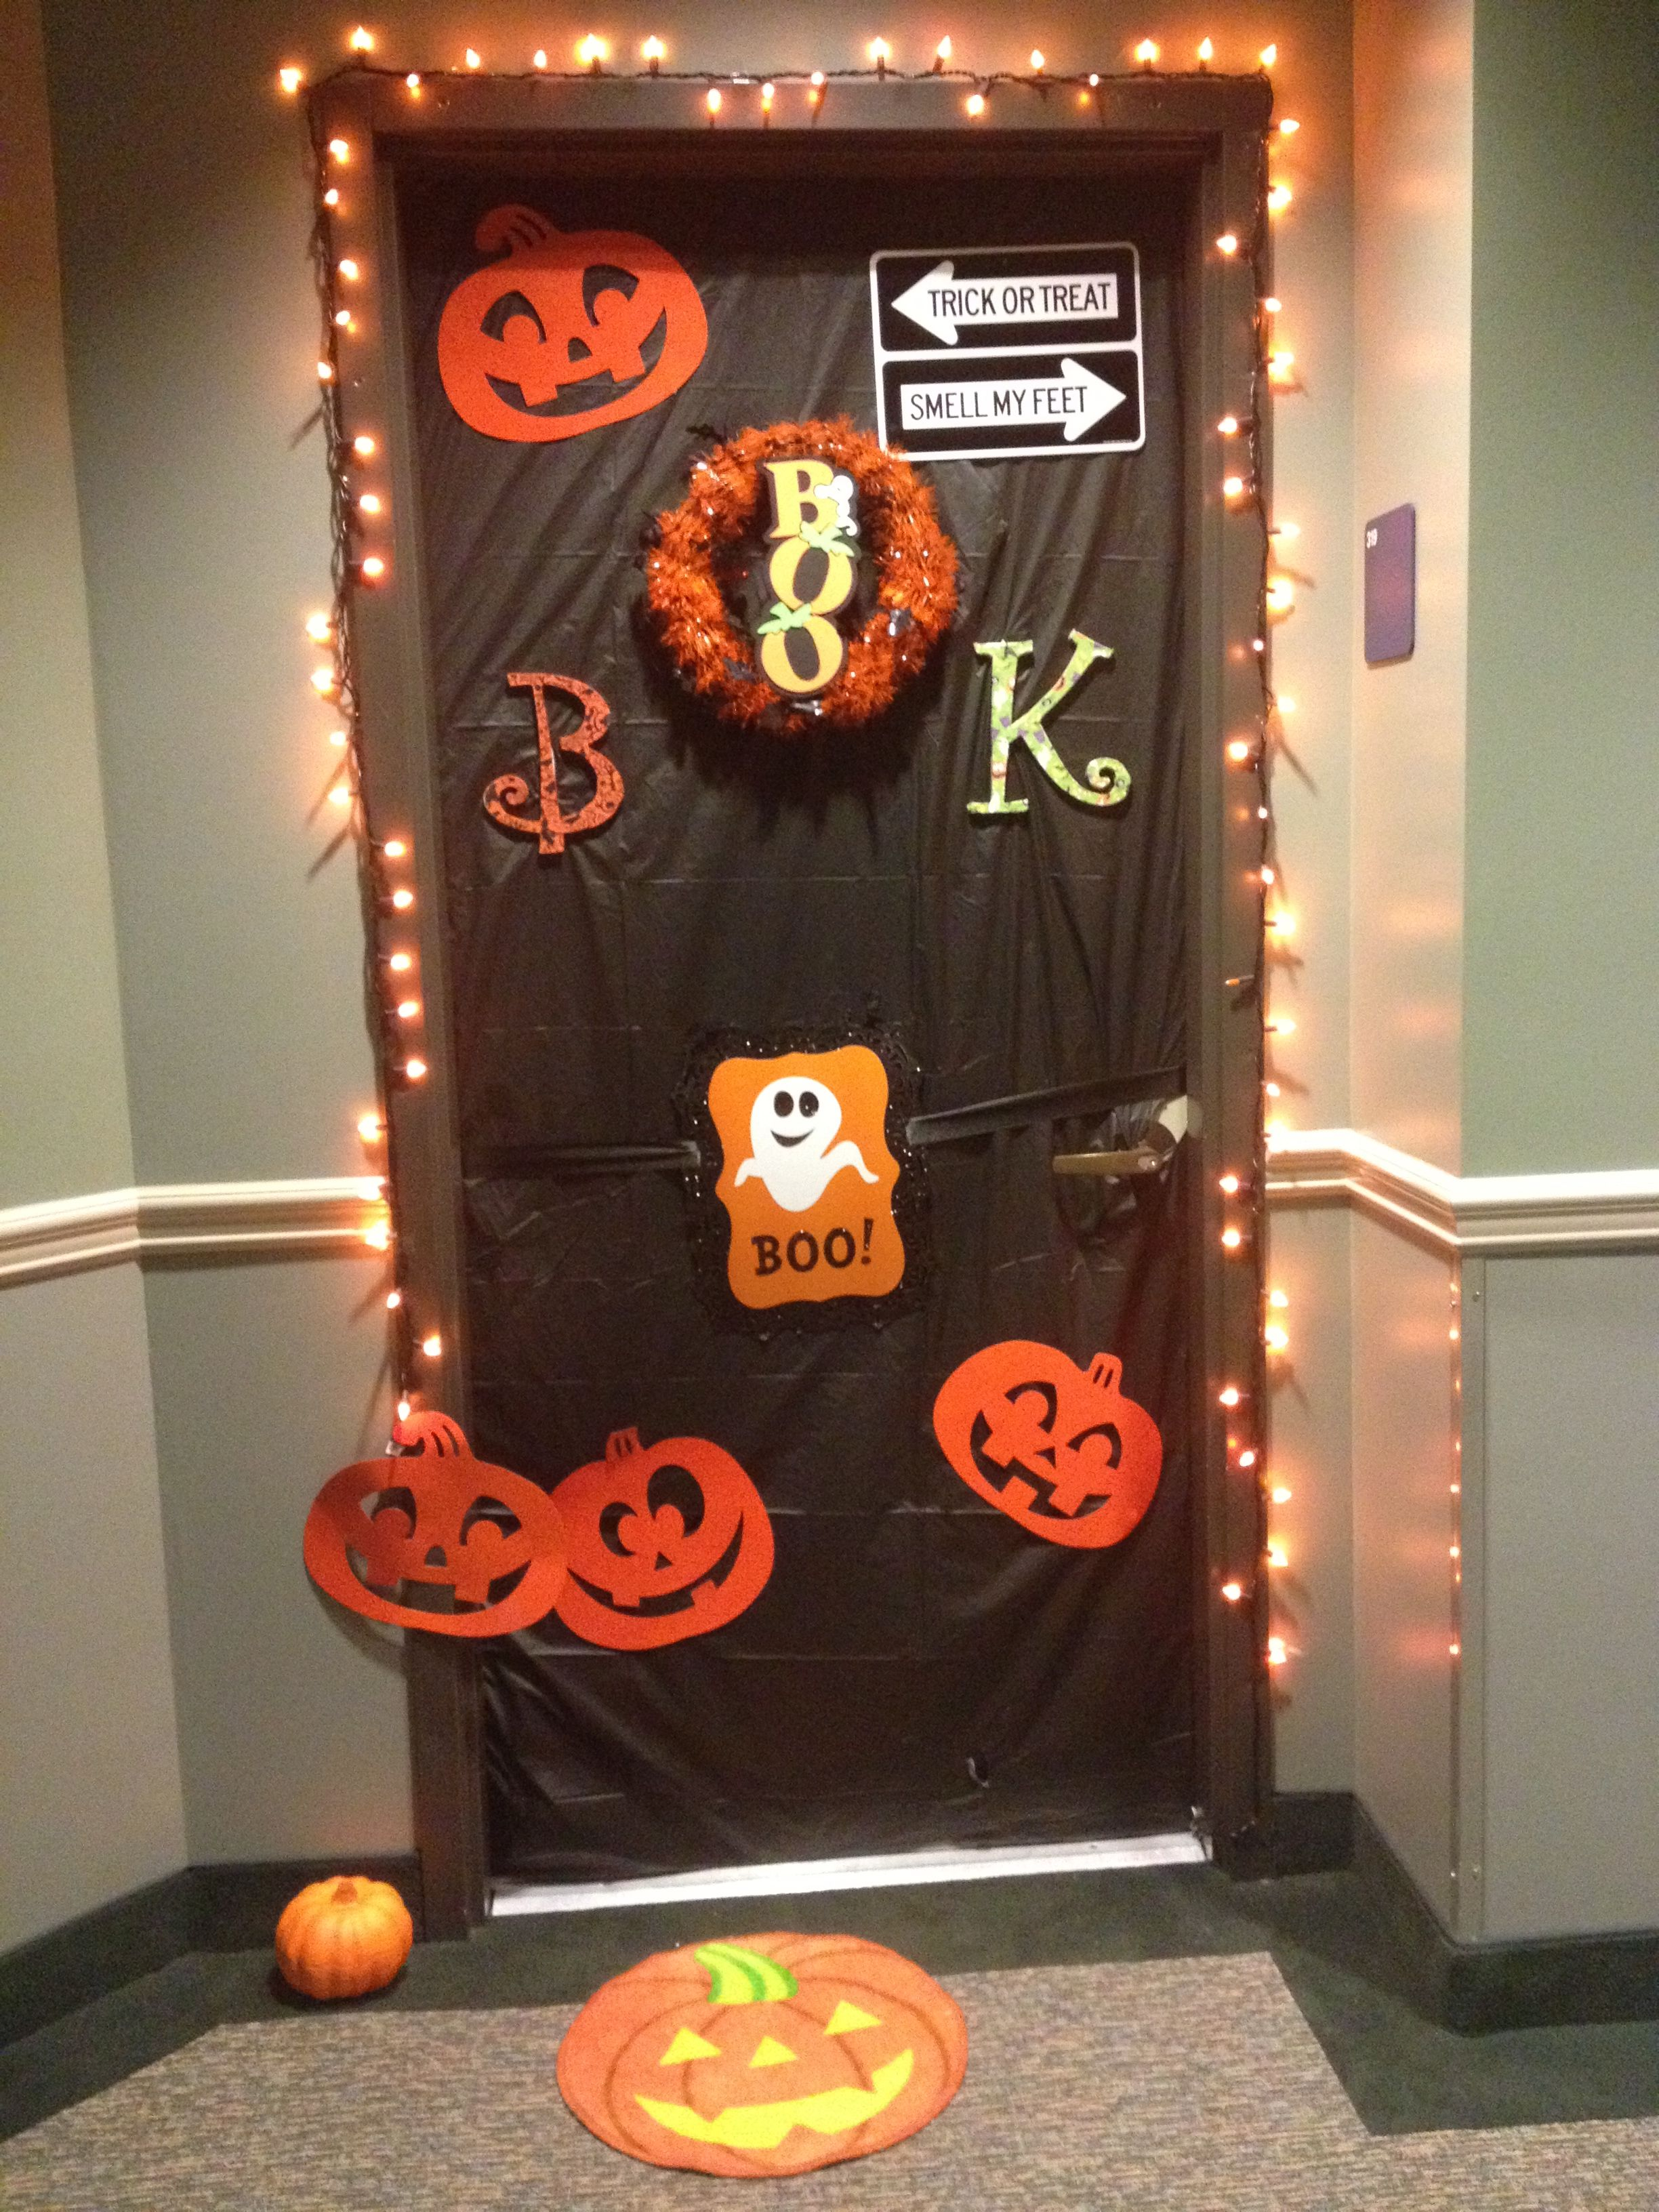 Halloween dorm door decorations - Halloween Dorm Door Decorations